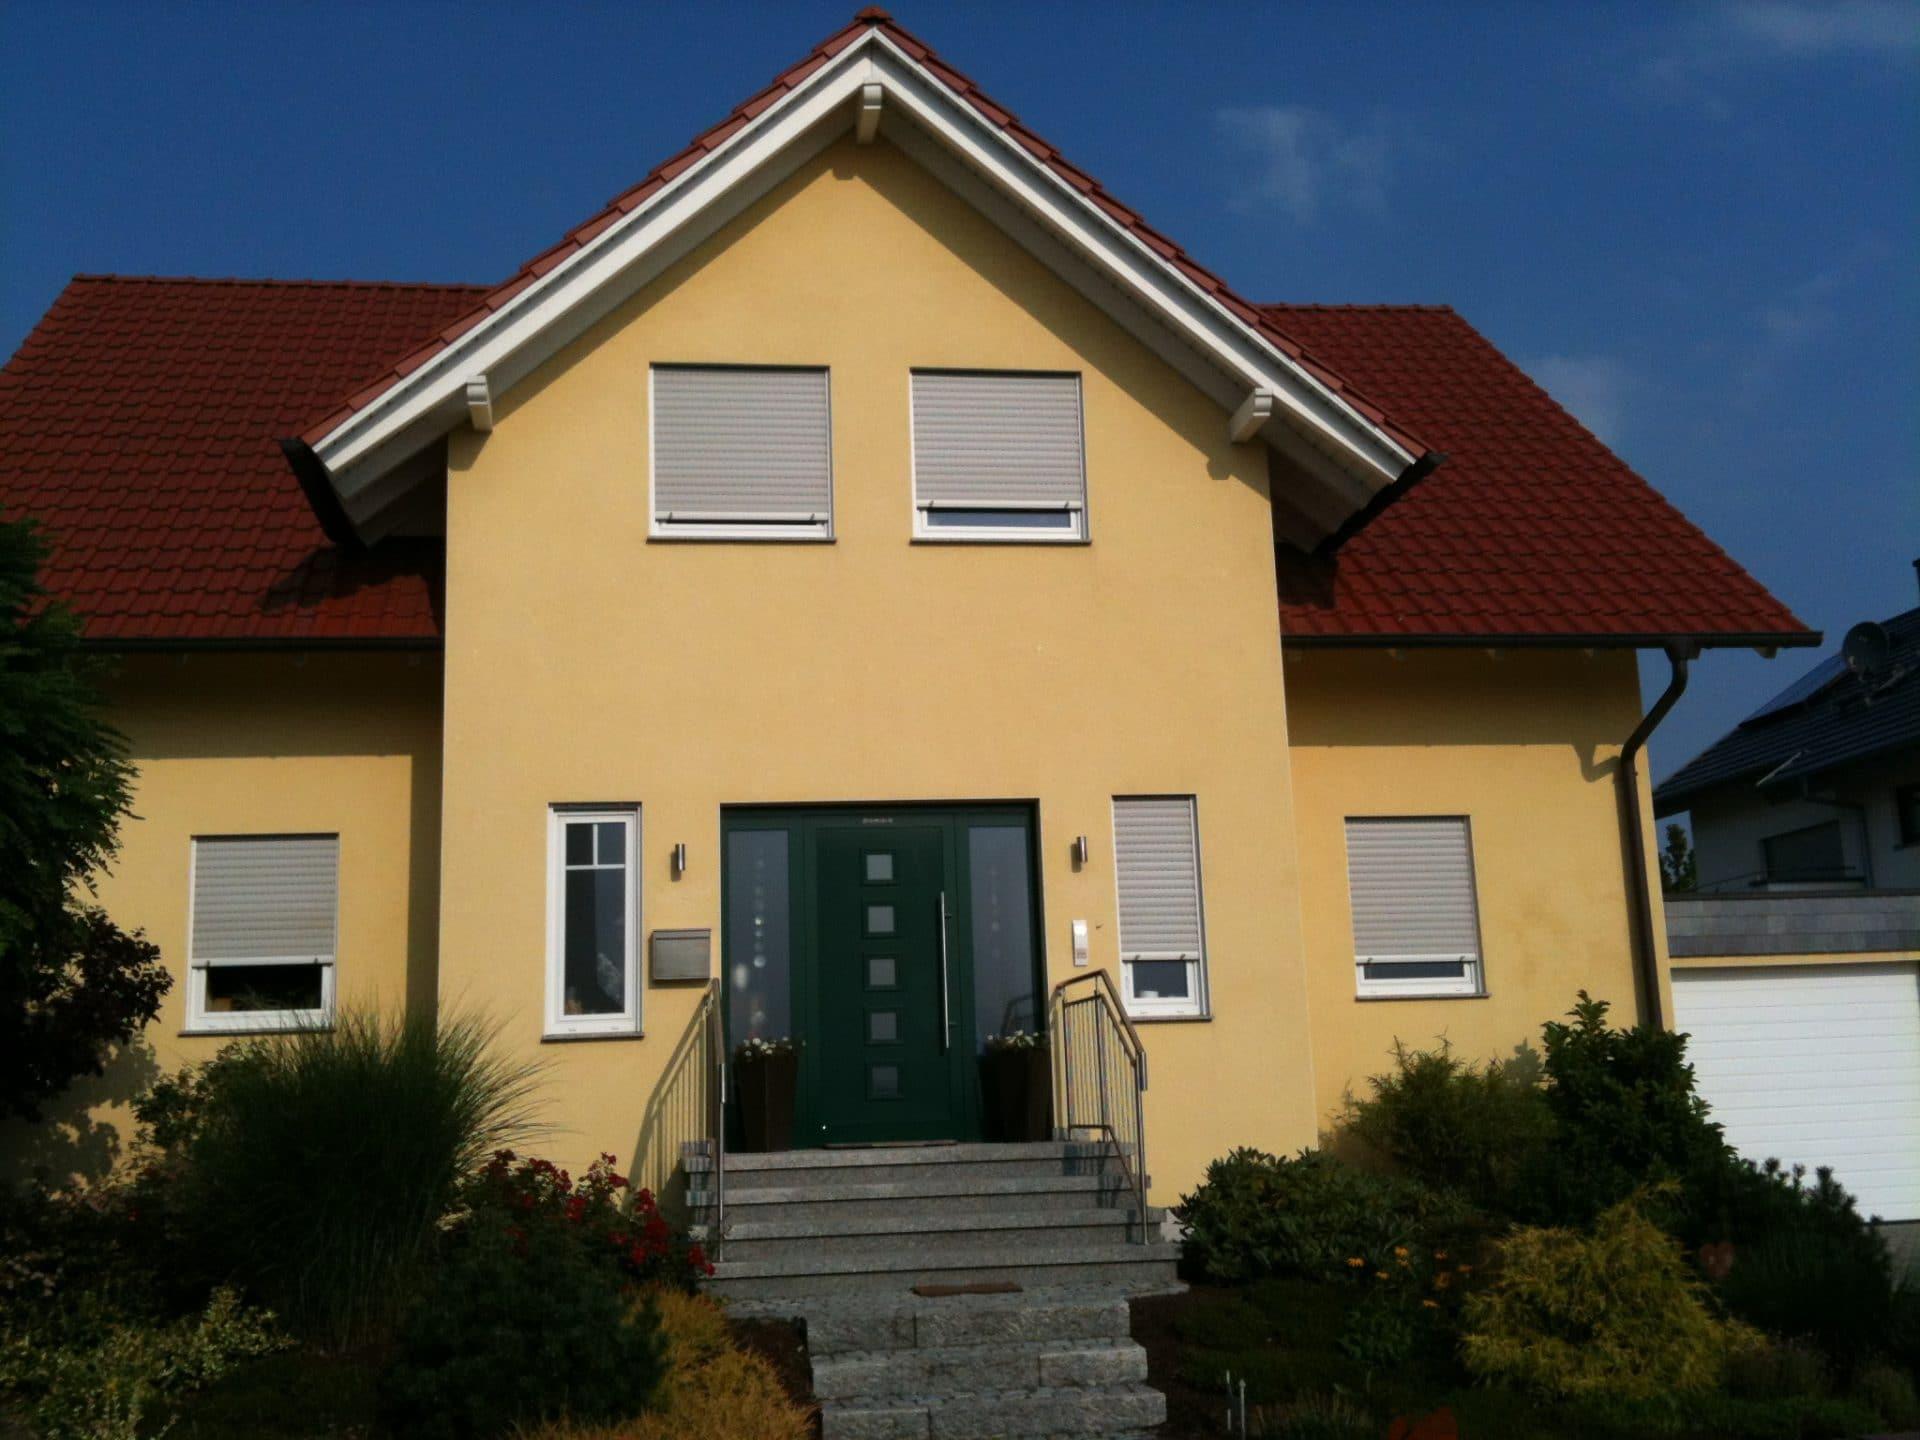 Wohnhaus mit Tonziegel und Kupferrinne